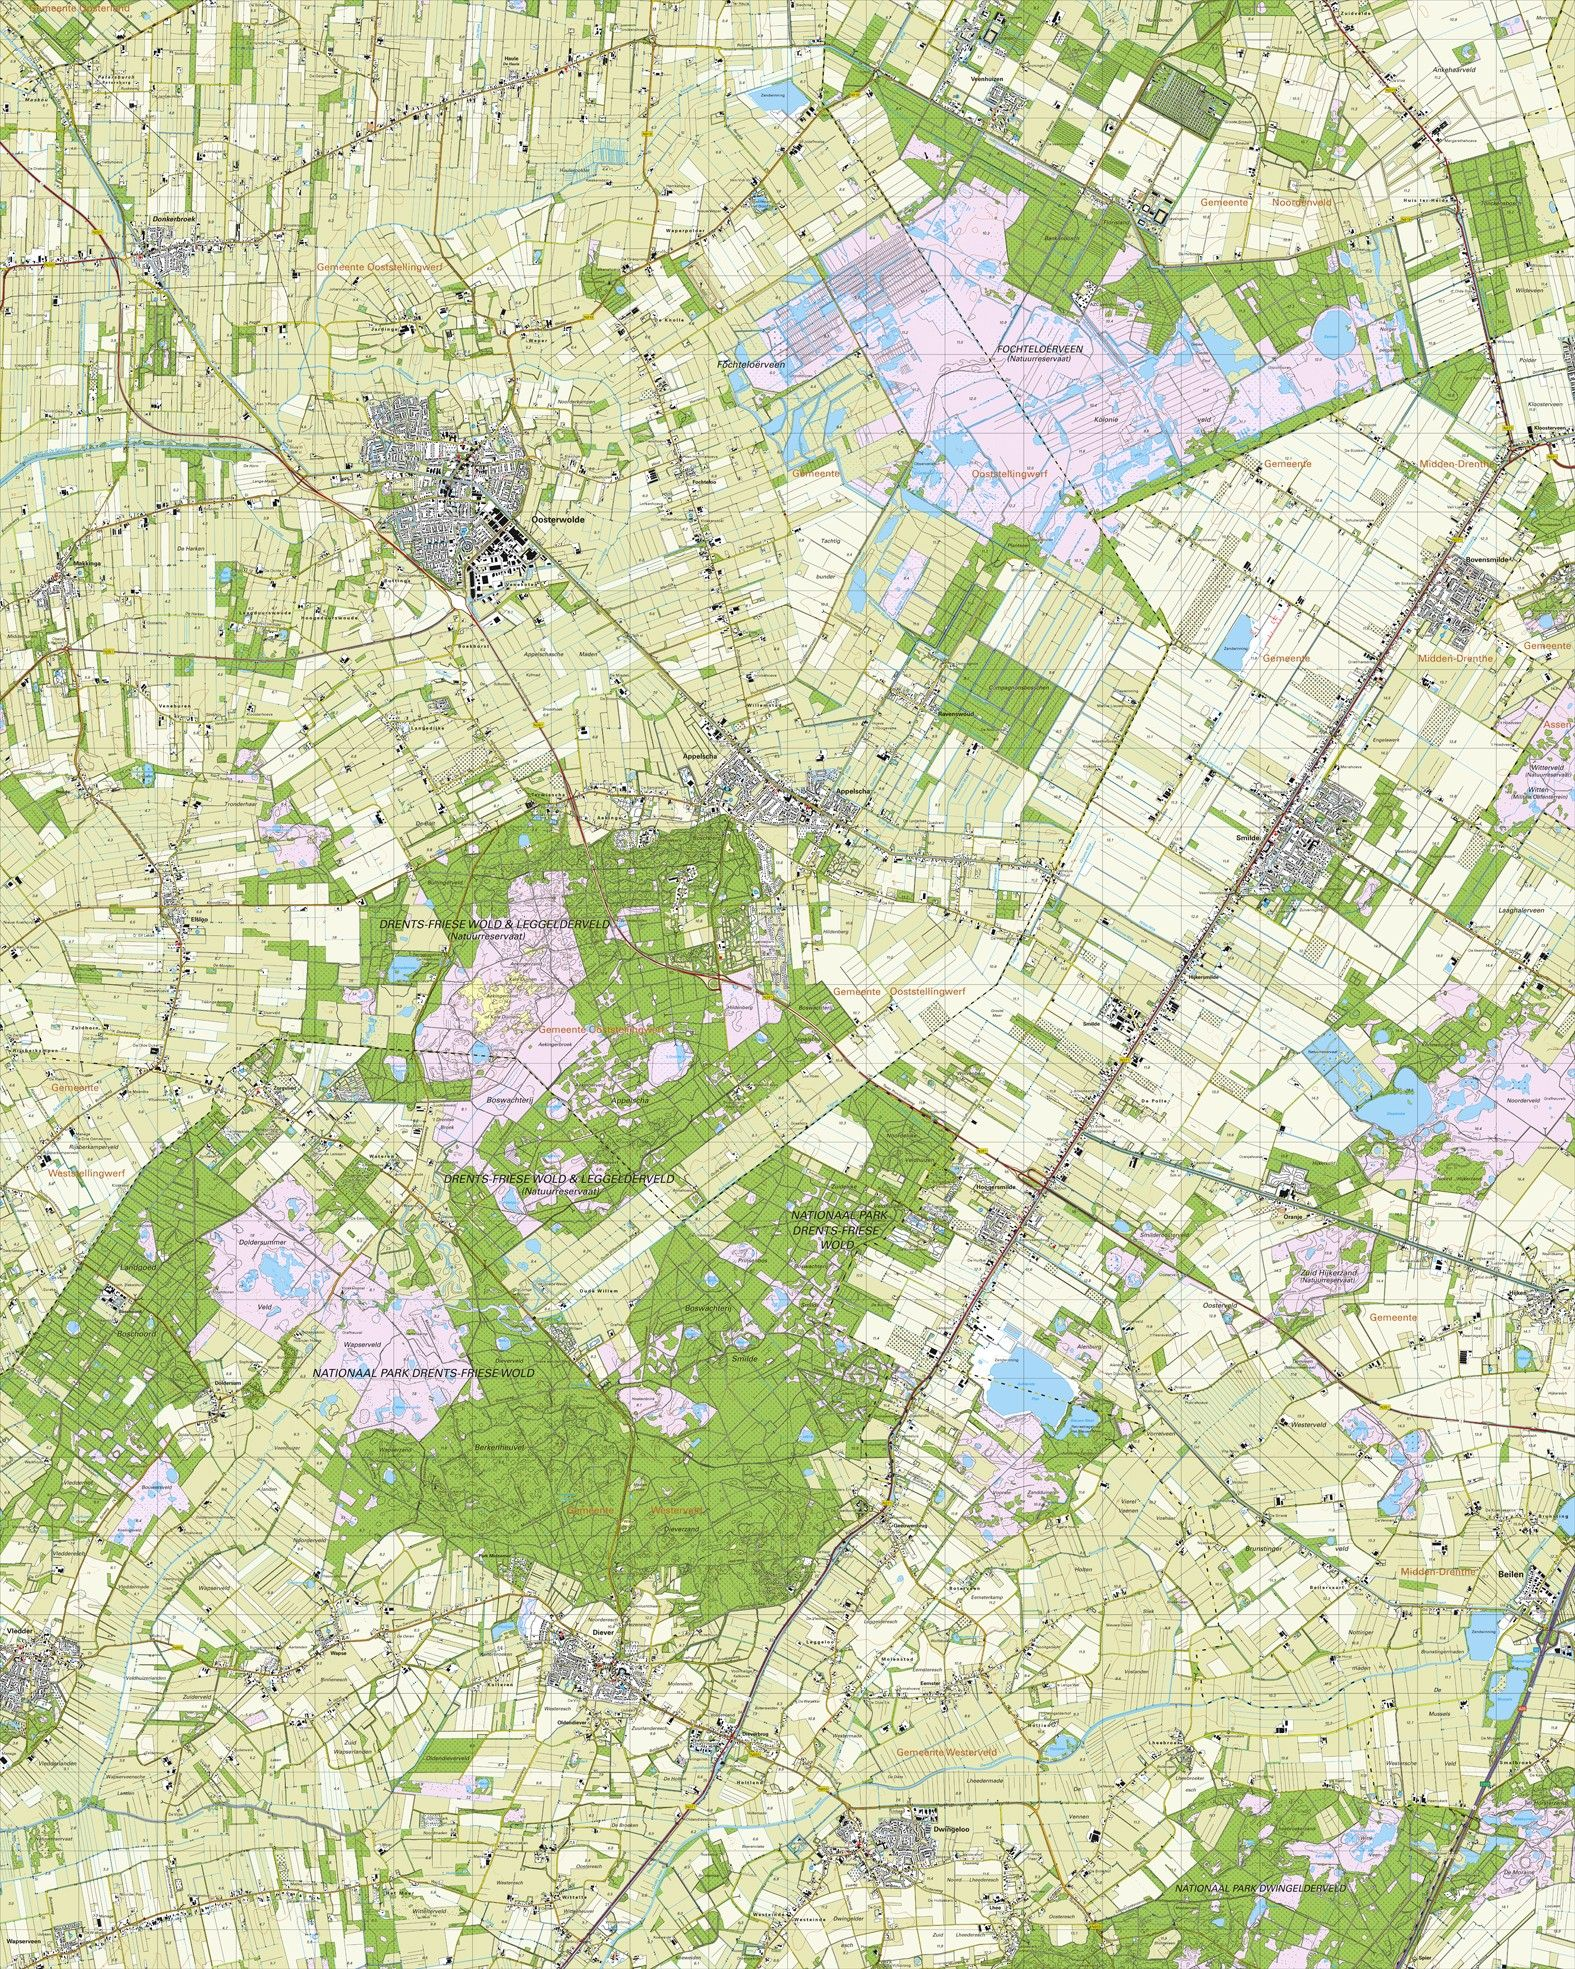 Topografische kaart schaal 1:25.000 (Oosterwolde, Appelscha, Smilde, Dwingeloo, Diever)